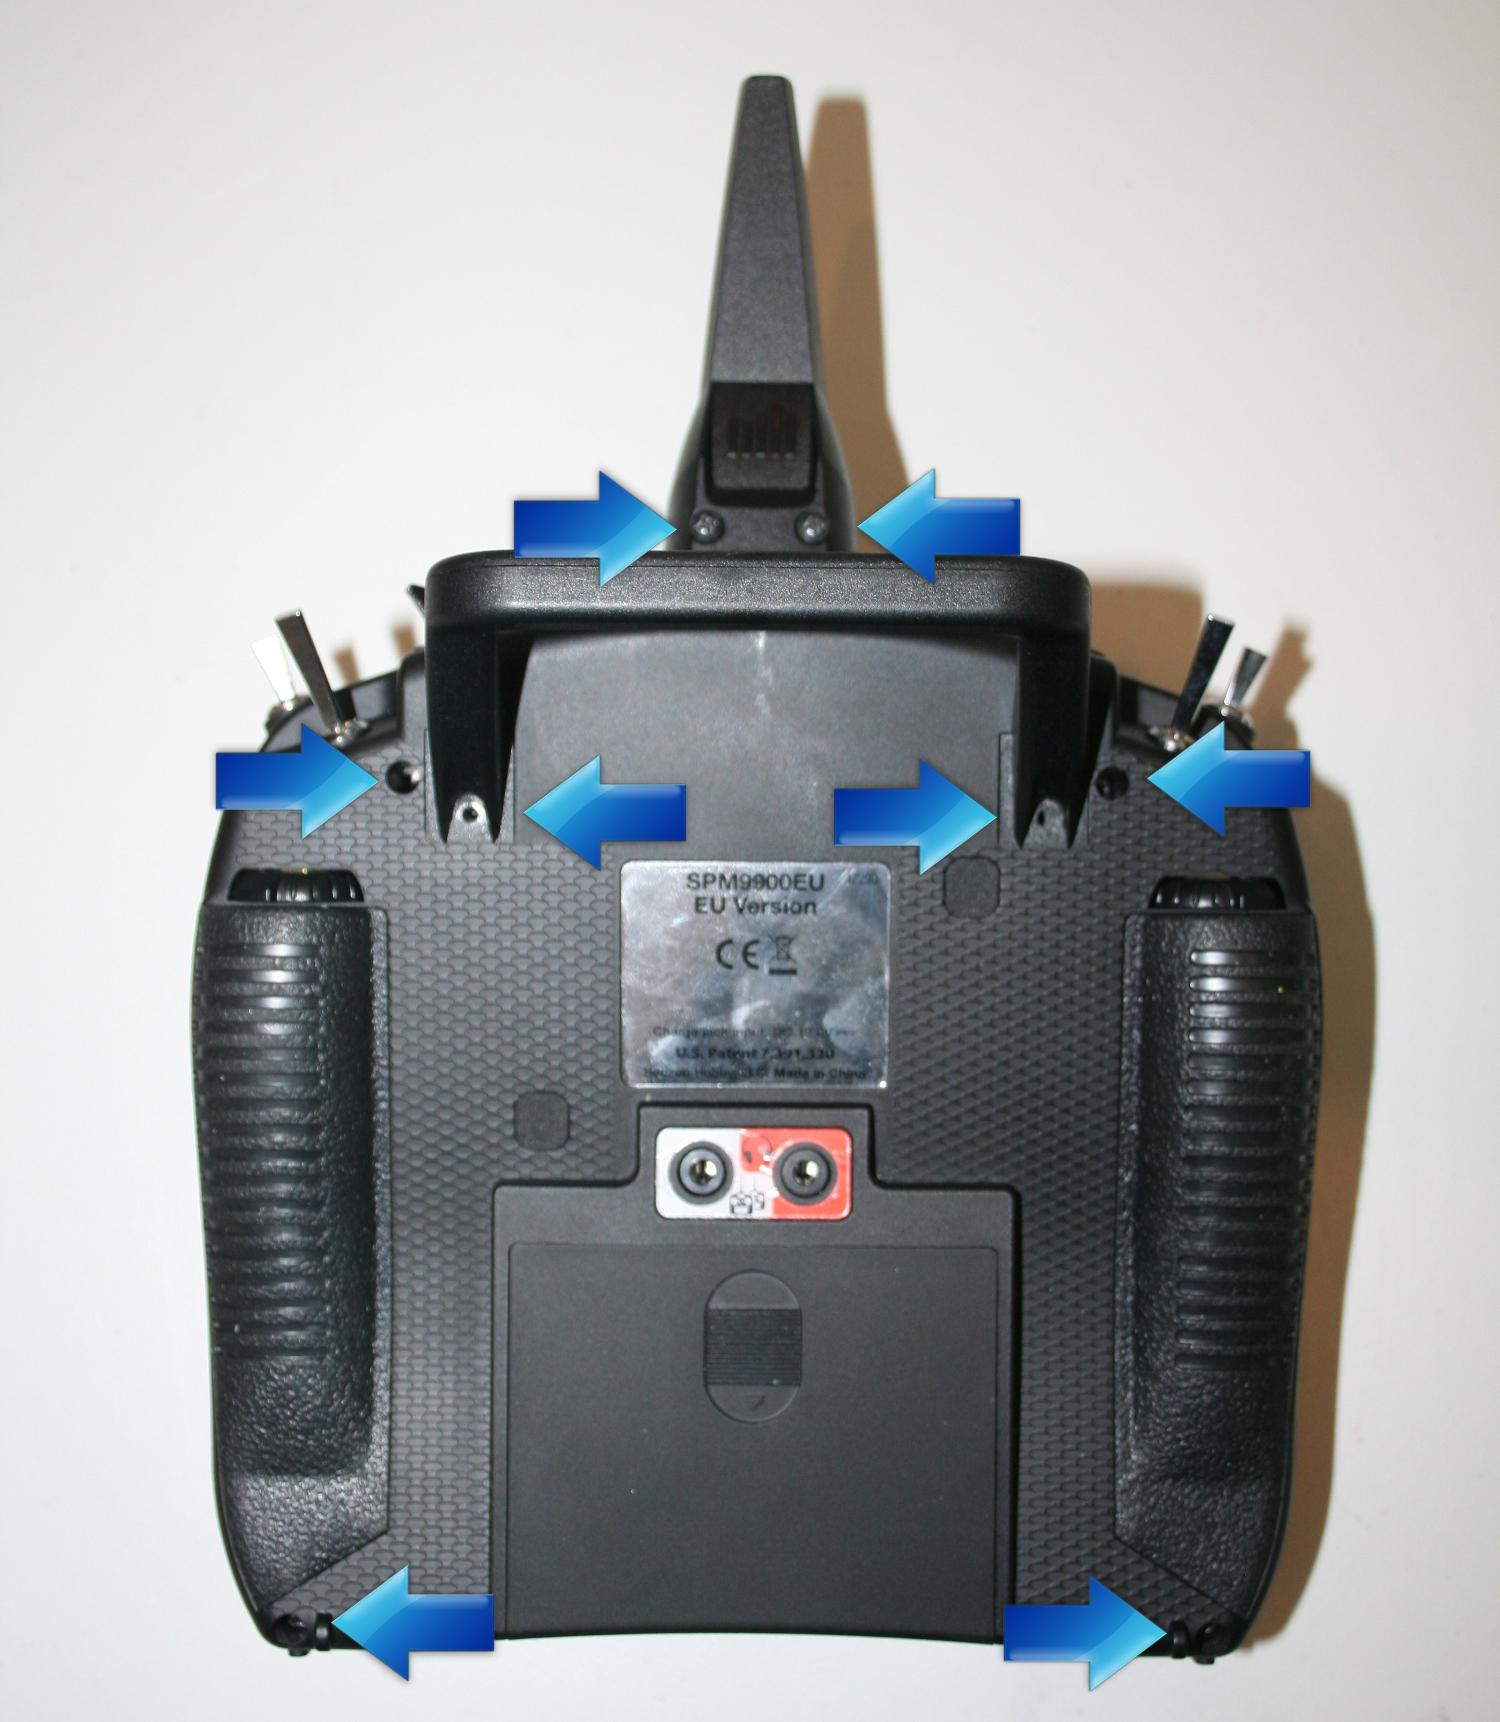 Portée D'une Ghzexemple Radiocommande Augmenter 4 2 La 80OXnwkP